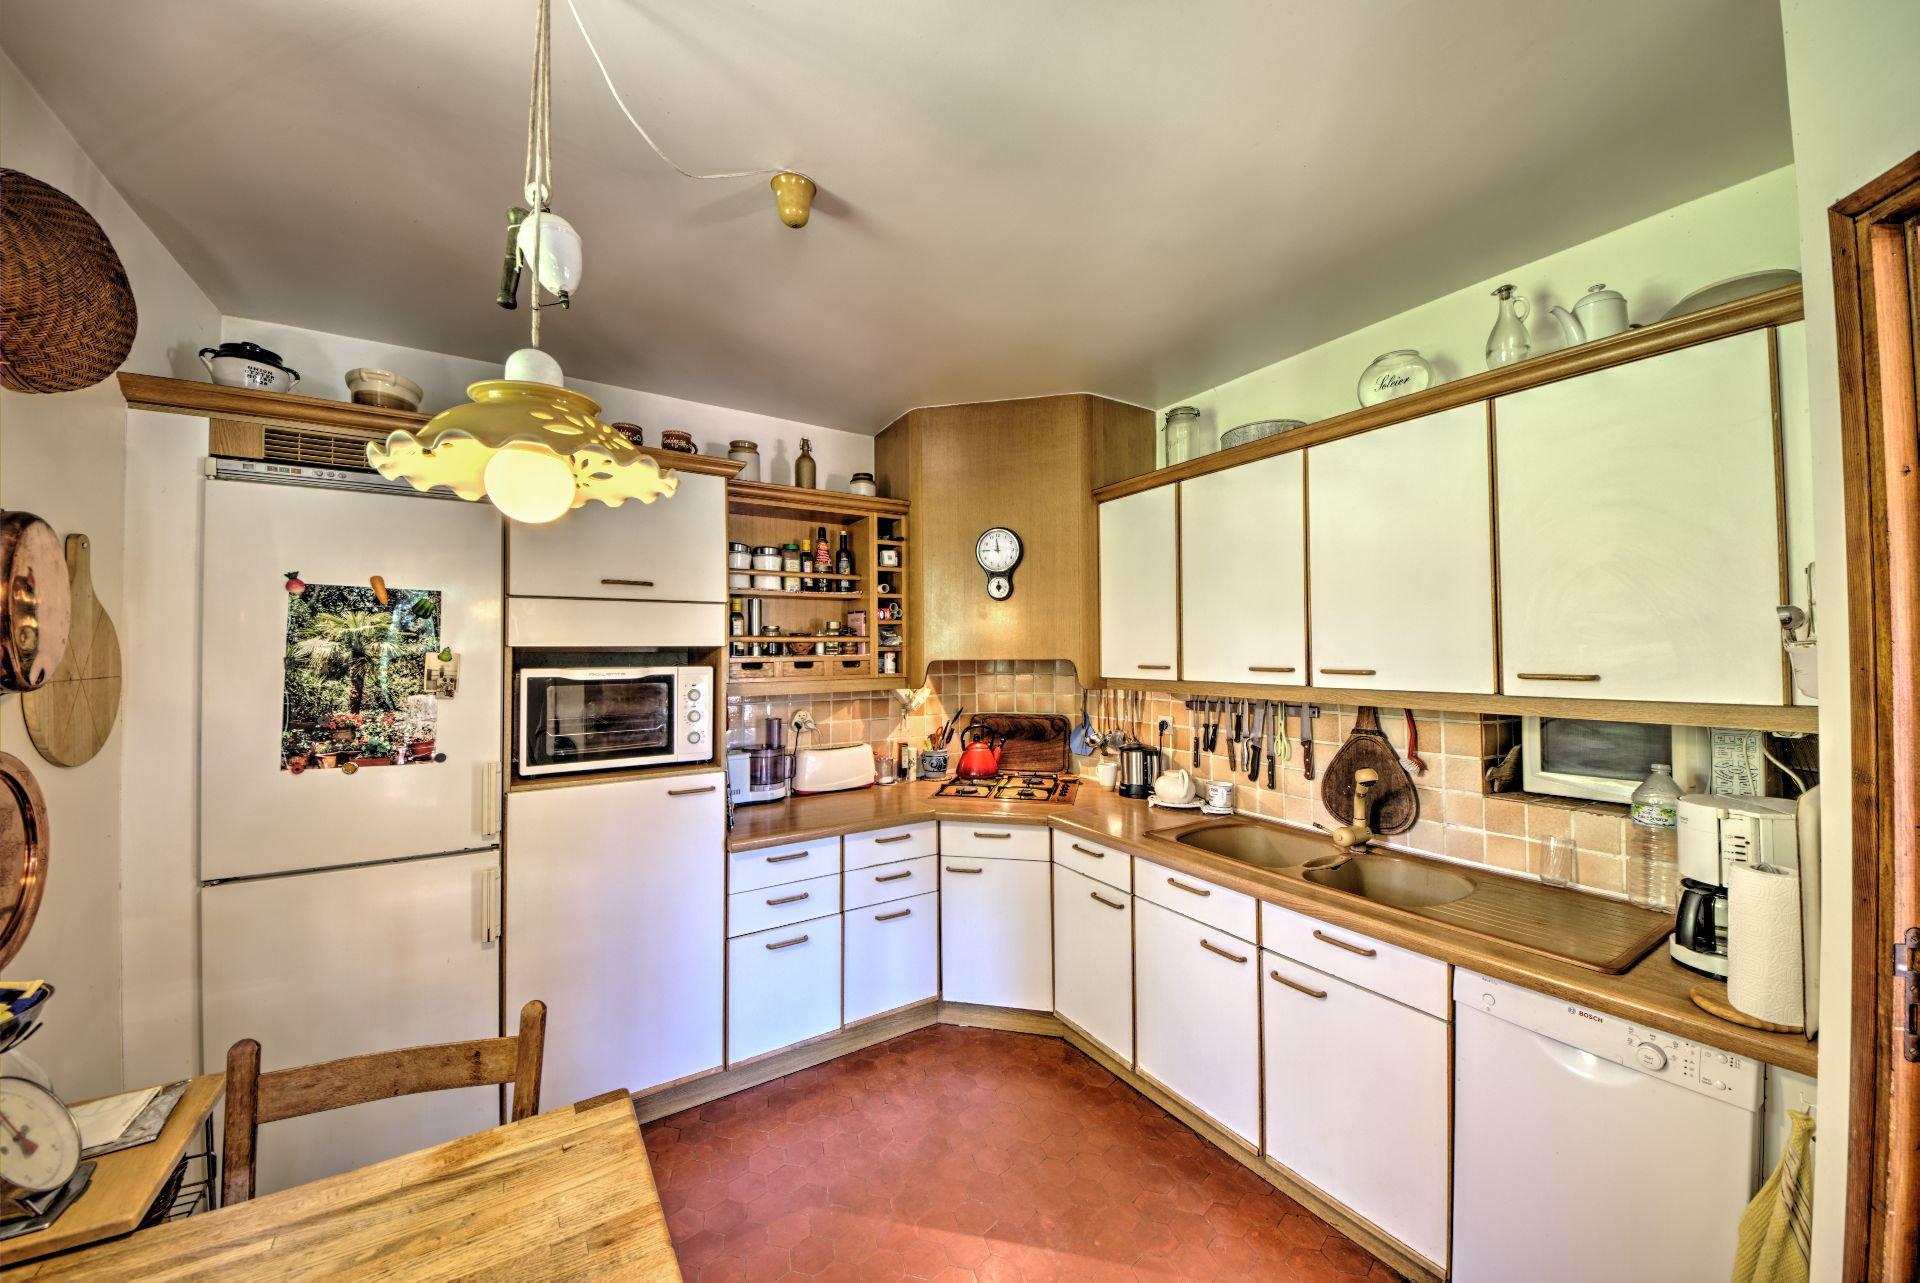 cuisine indépendante avec accès à une terrasse couverte et vue sur la campagne